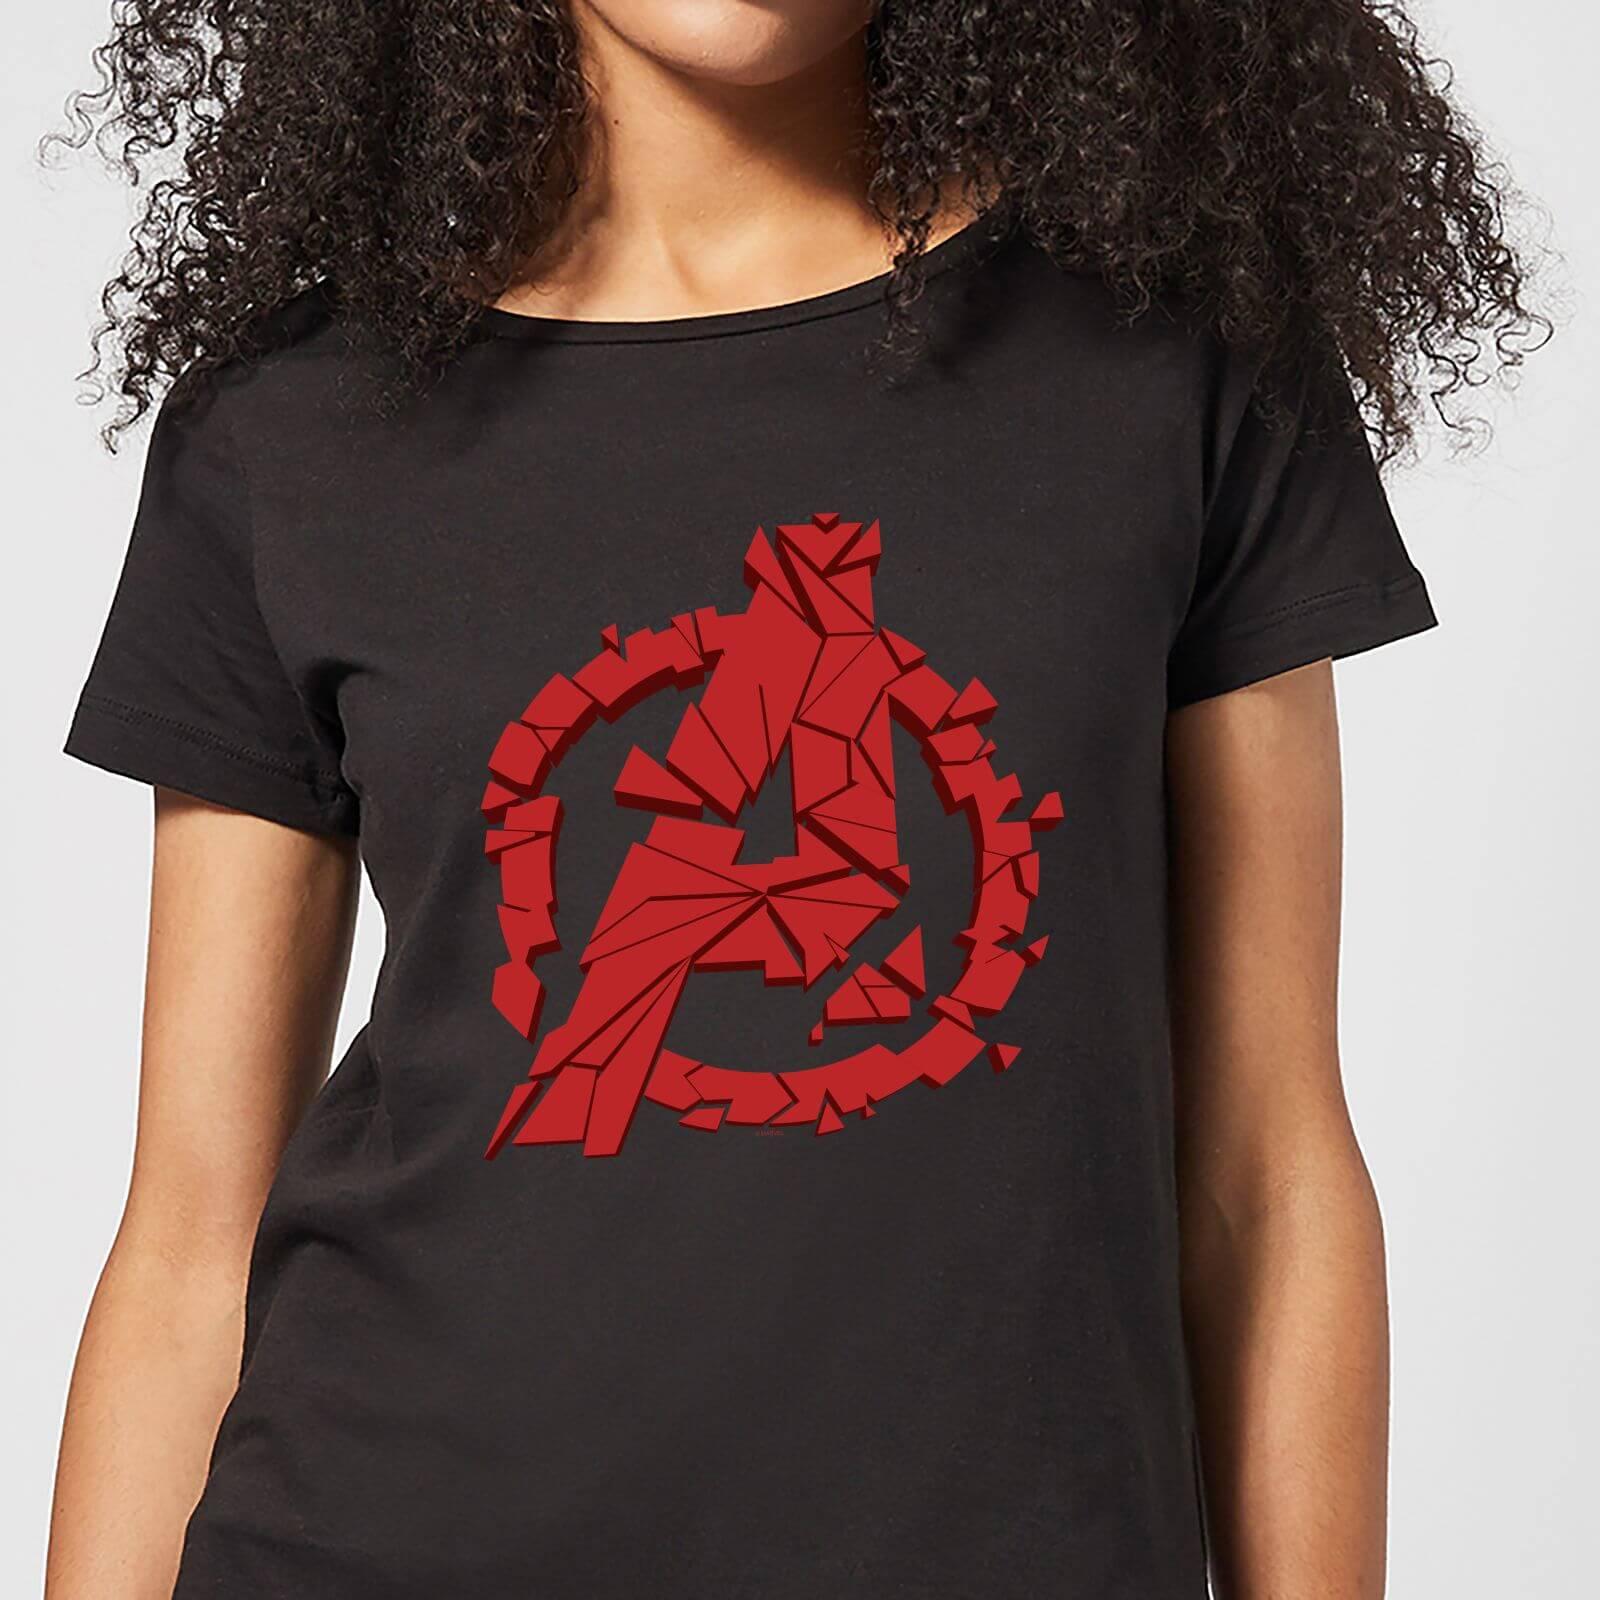 Marvel Avengers Endgame Shattered Logo Women's T-Shirt - Black - L - Black